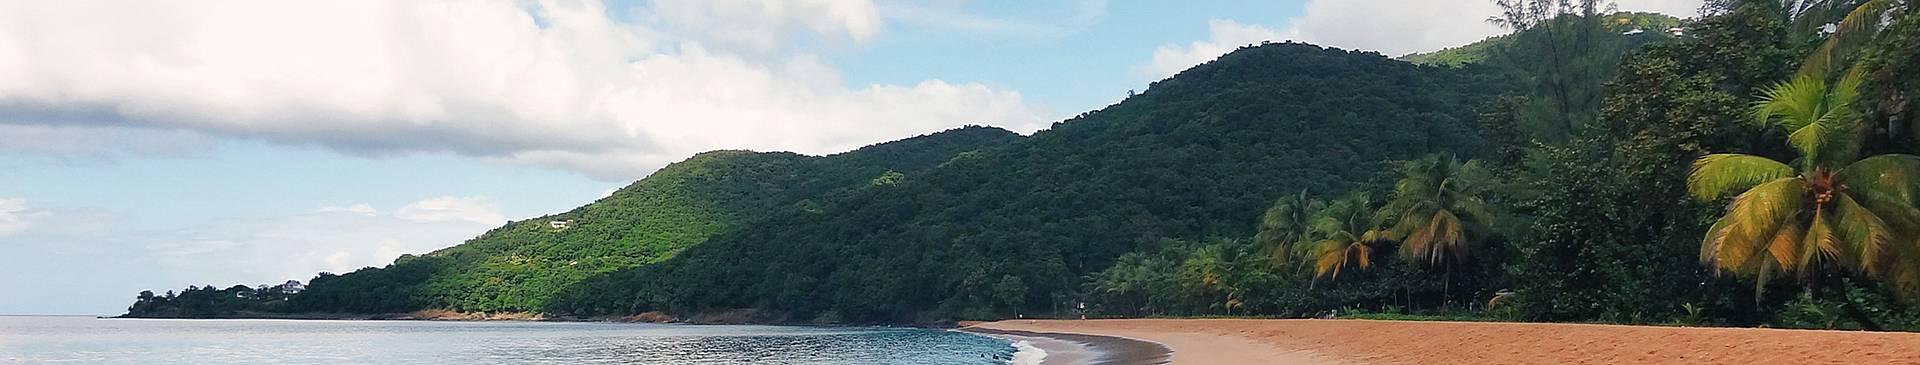 Strand und Meer Guadeloupe Reisen